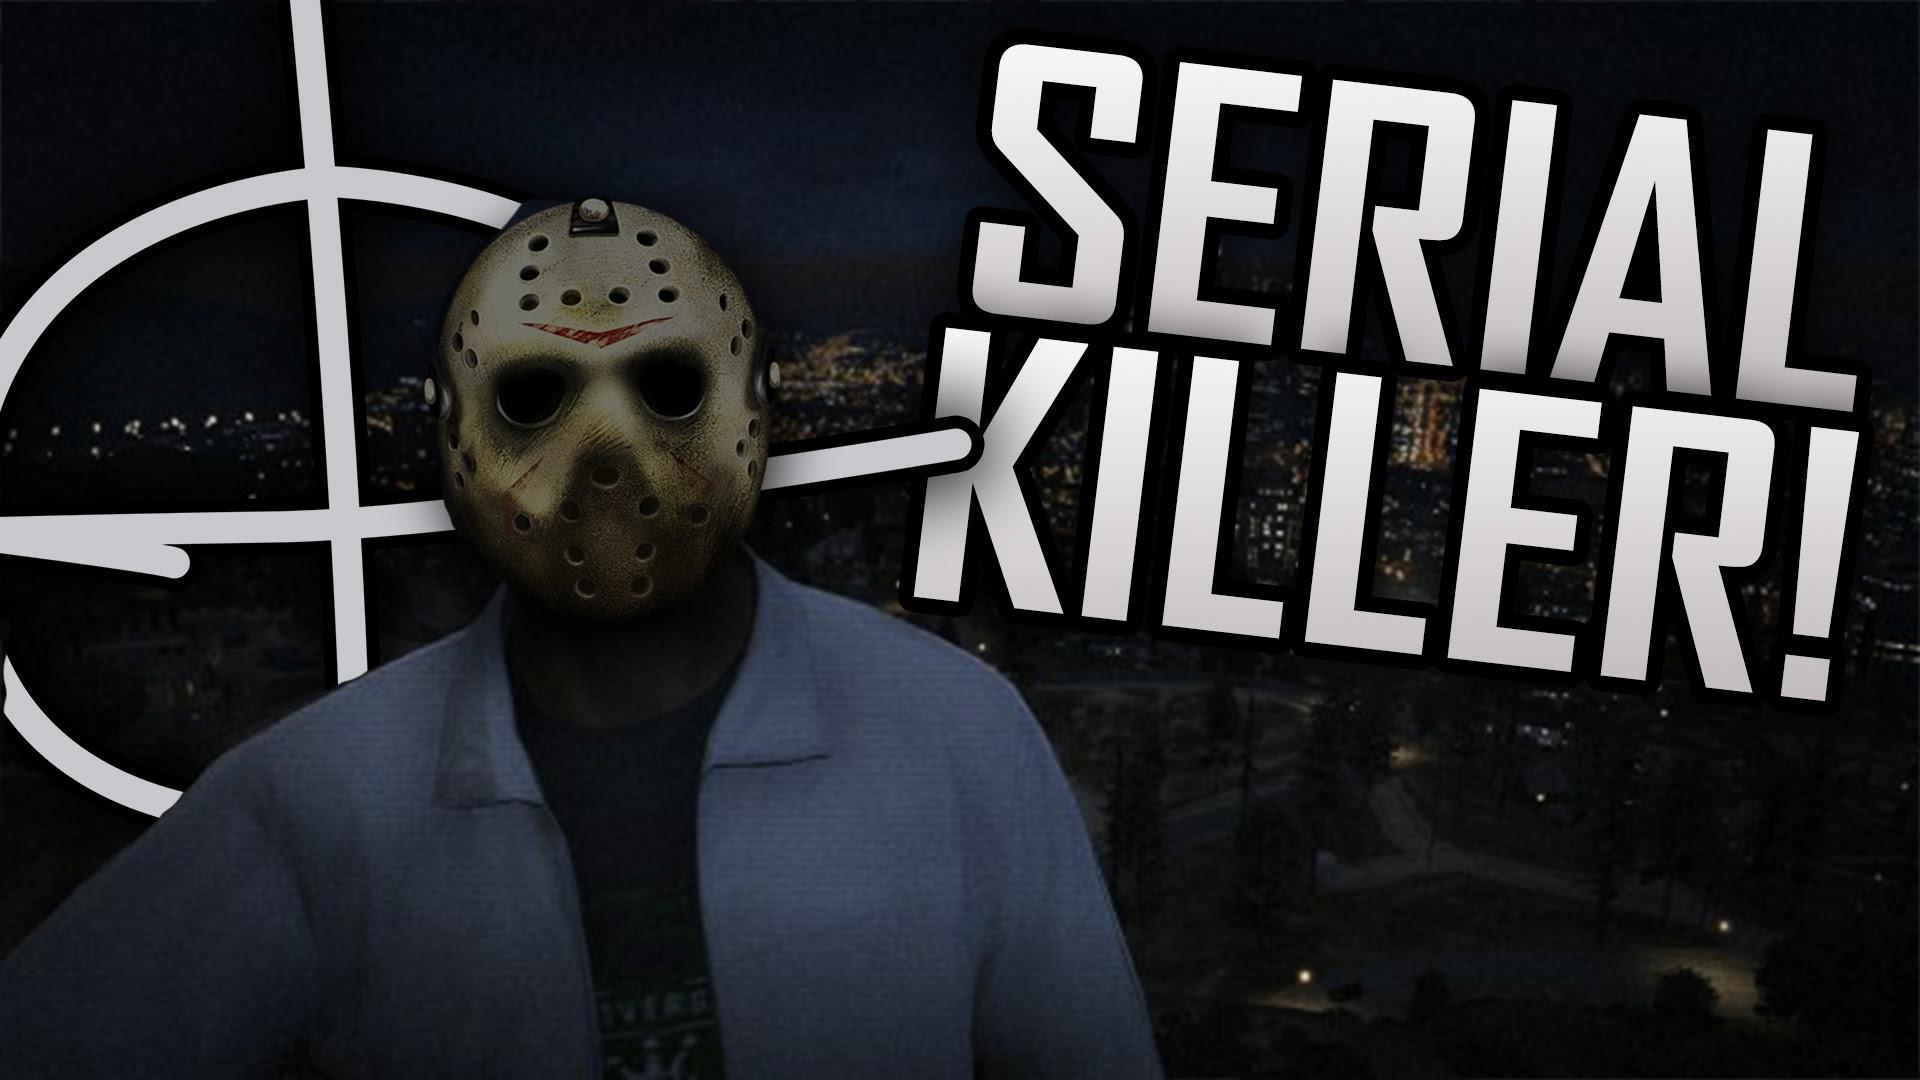 GTA 5: Serial Killer 'Eddie Low' Mystery! (GTA 5 Easter Eggs) – YouTube